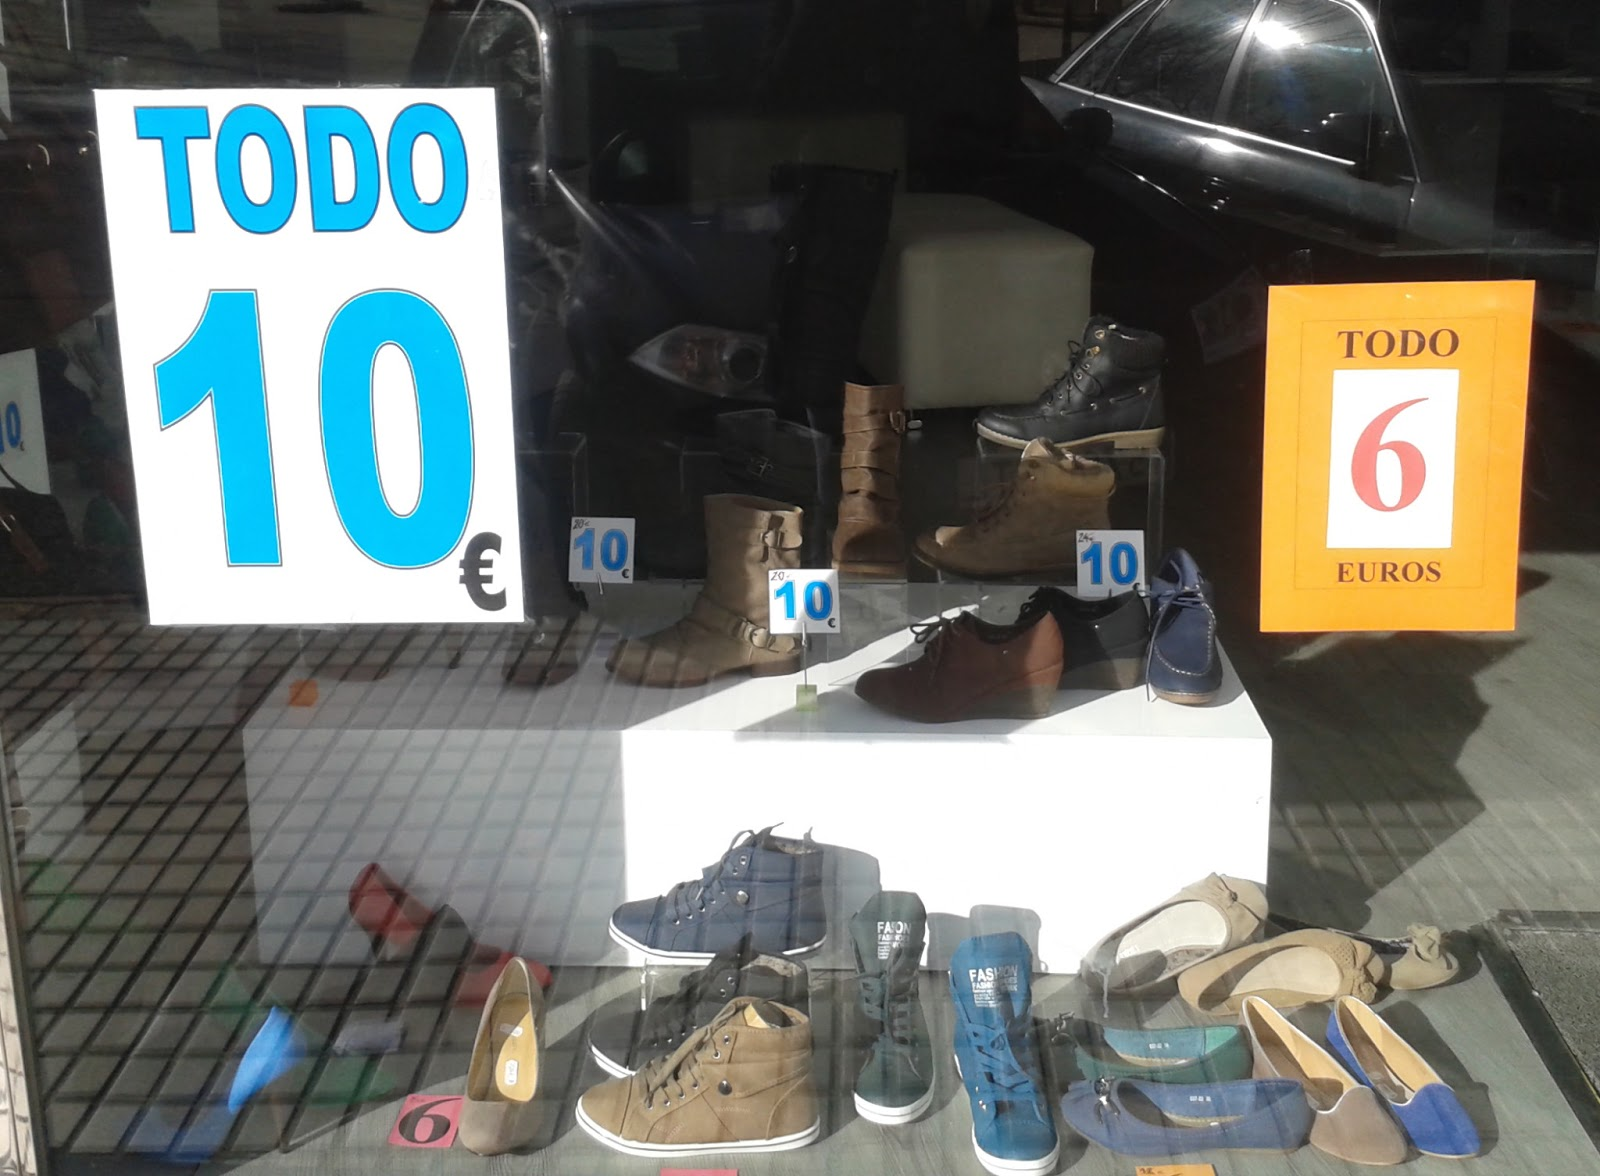 Todo a 10€ - todo a 6€